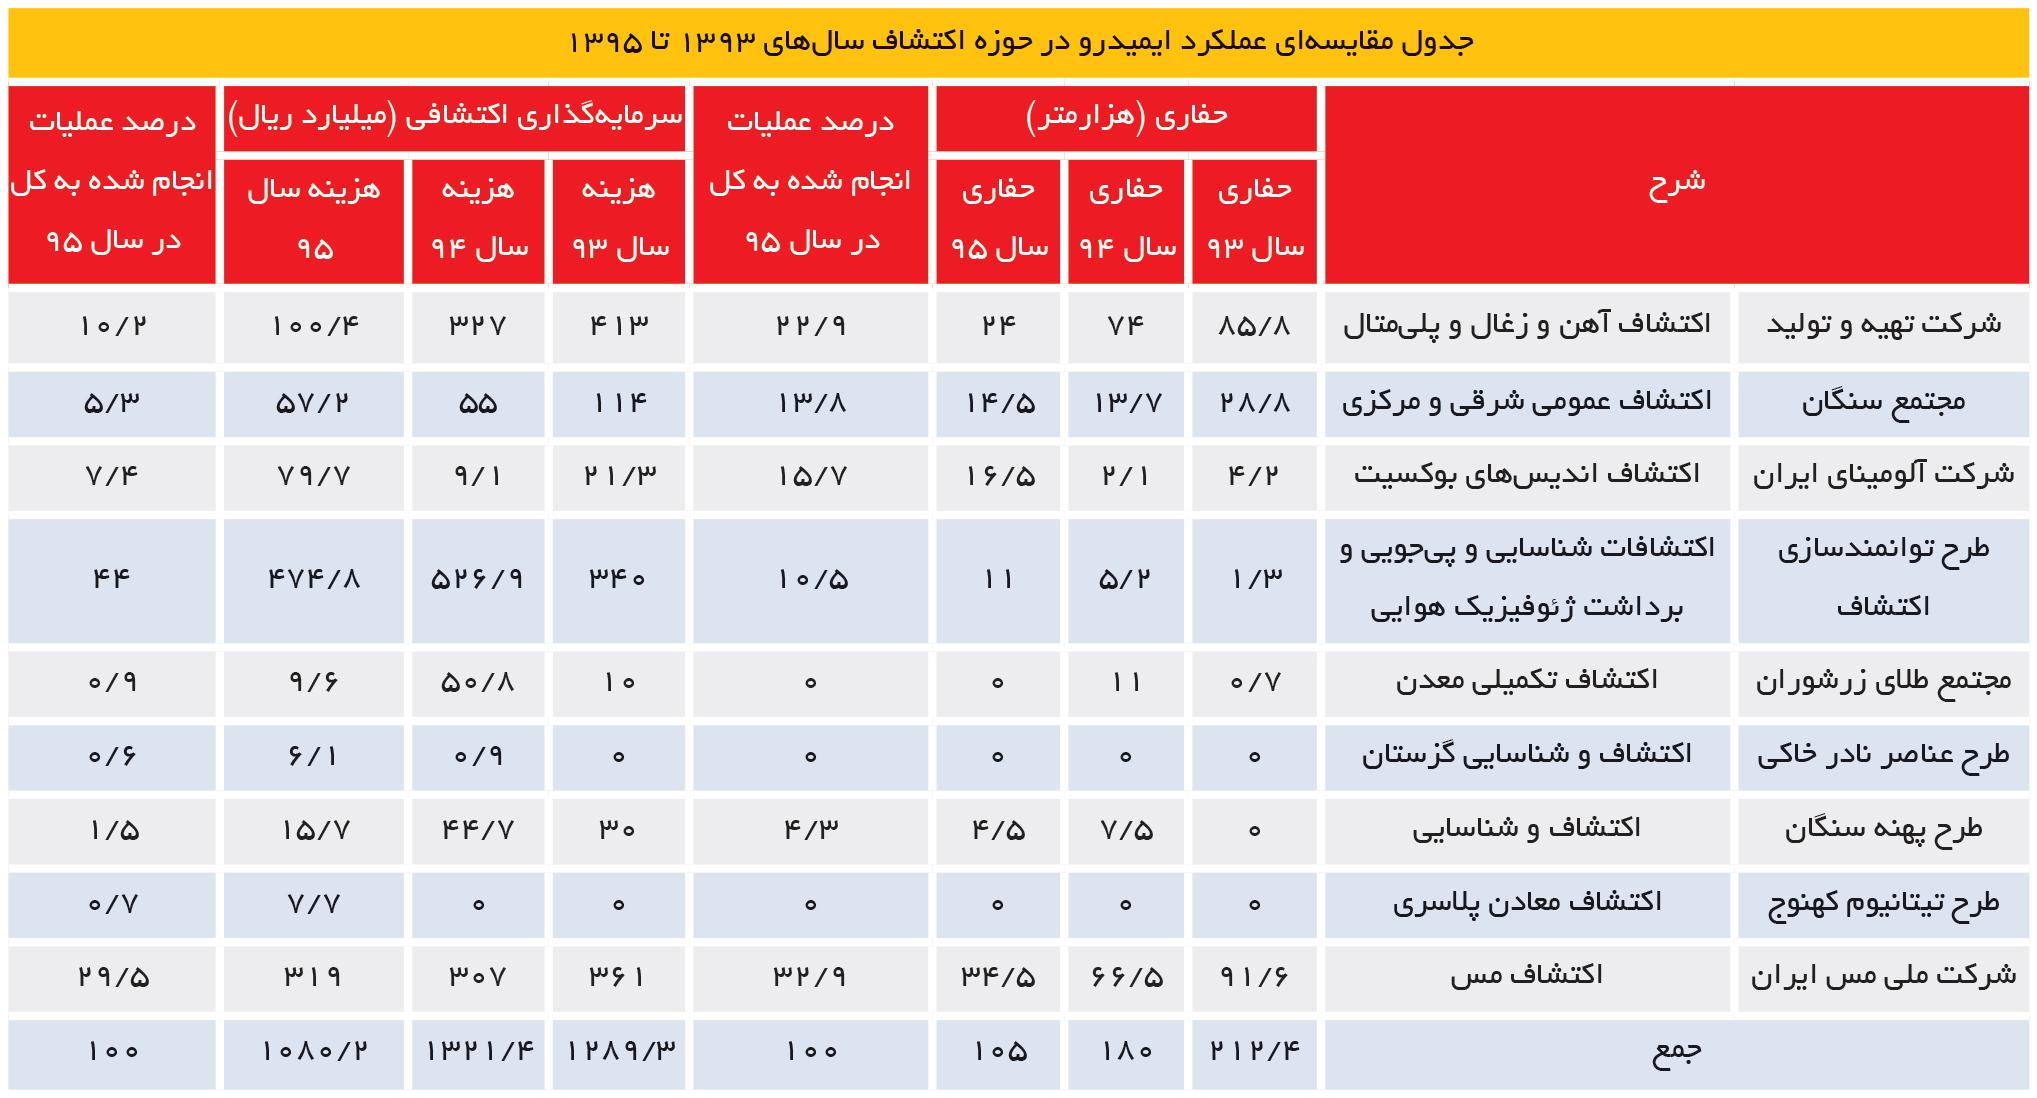 تجارت- فردا- جدول مقایسه ای عملکرد ایمیدرو در حوزه اکتشاف سال های 1393 تا 1395